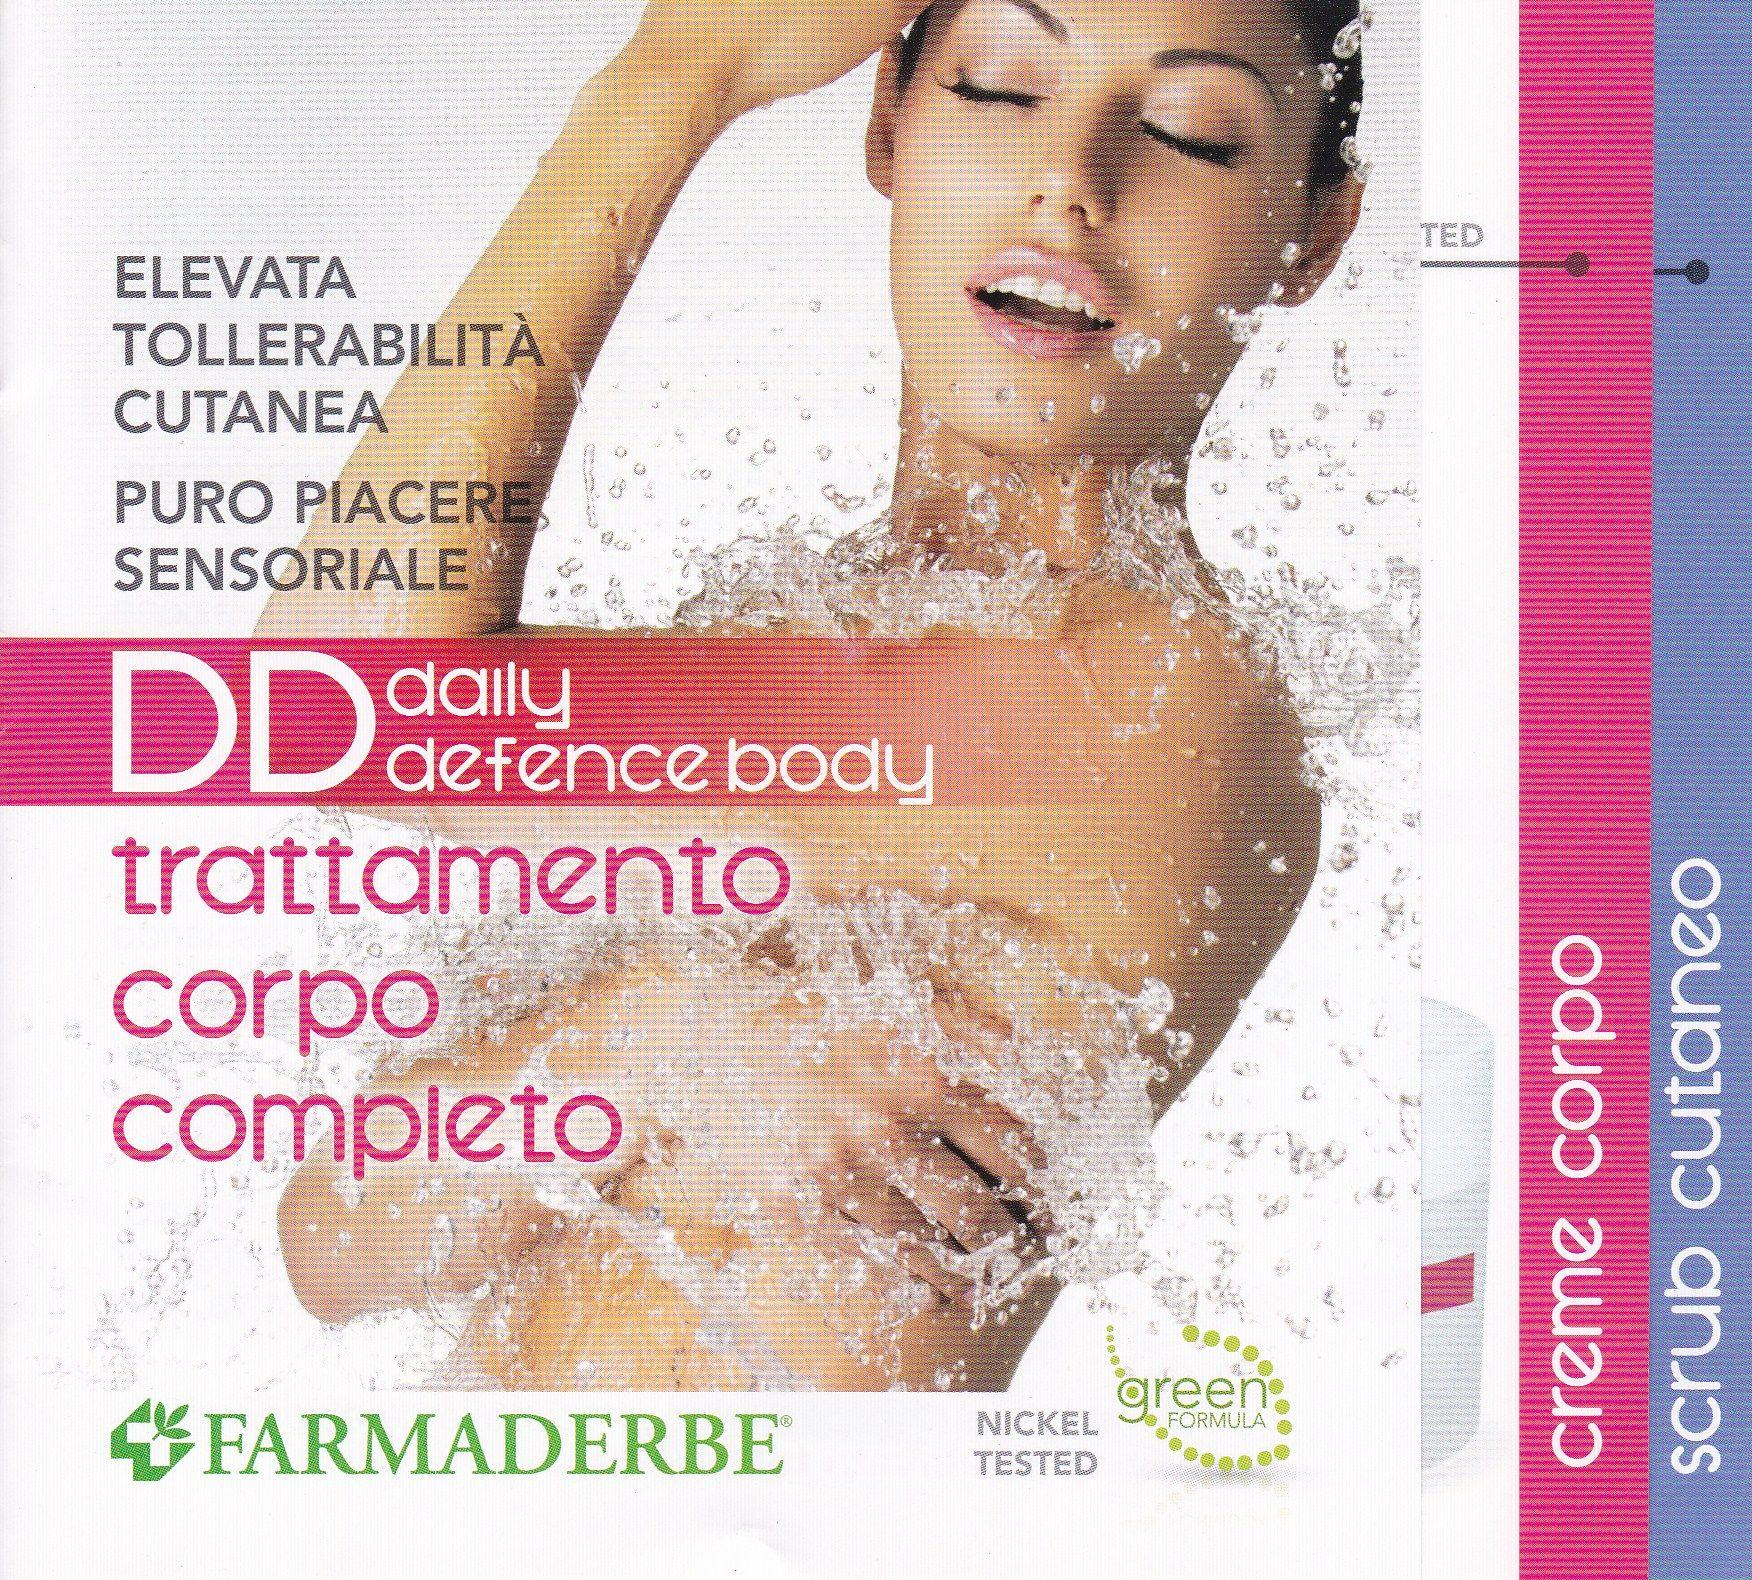 DD- BALSAMO Doccia Corpo 150 ml  FARMADERBE